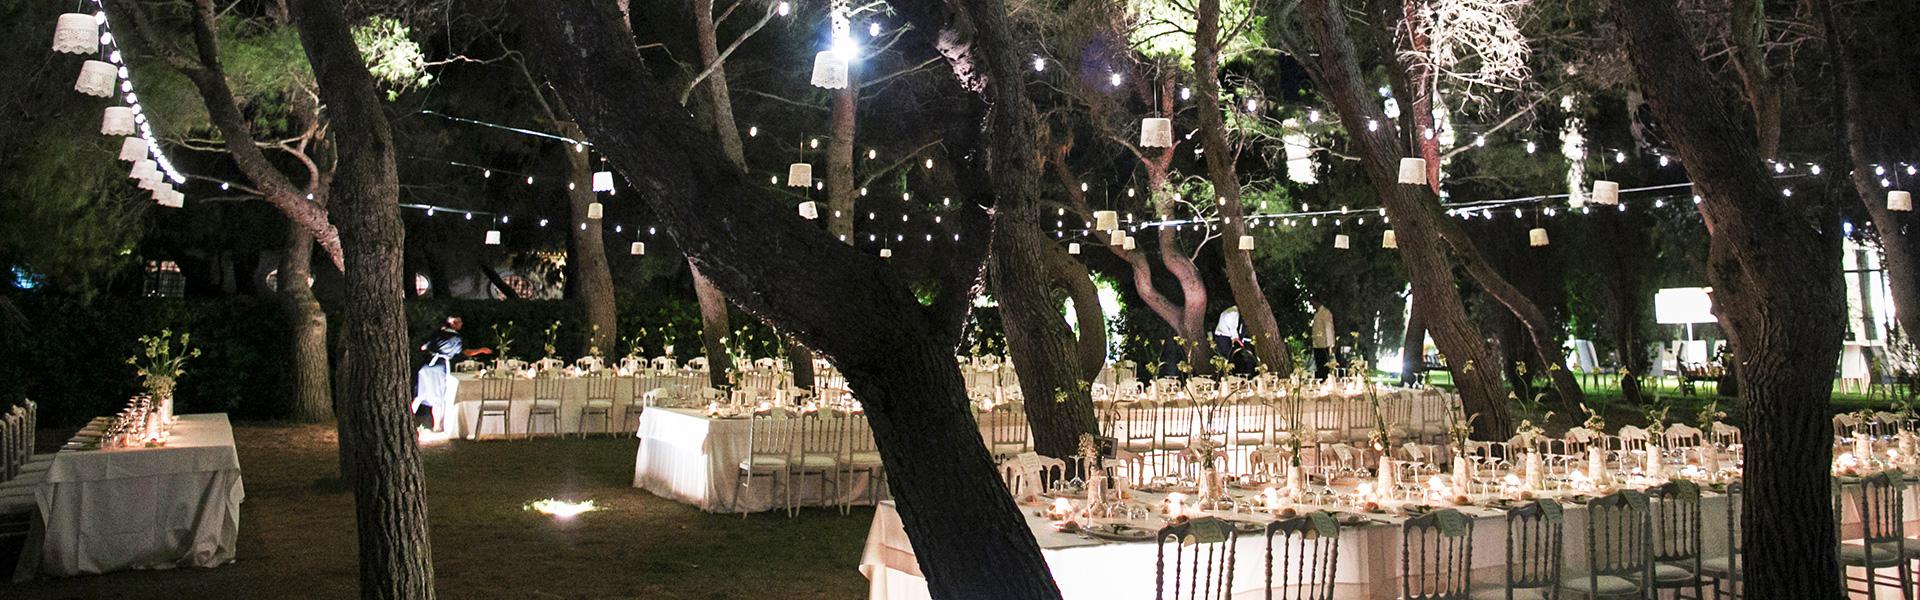 residenze d epoca matrimonio ricevimento giardino